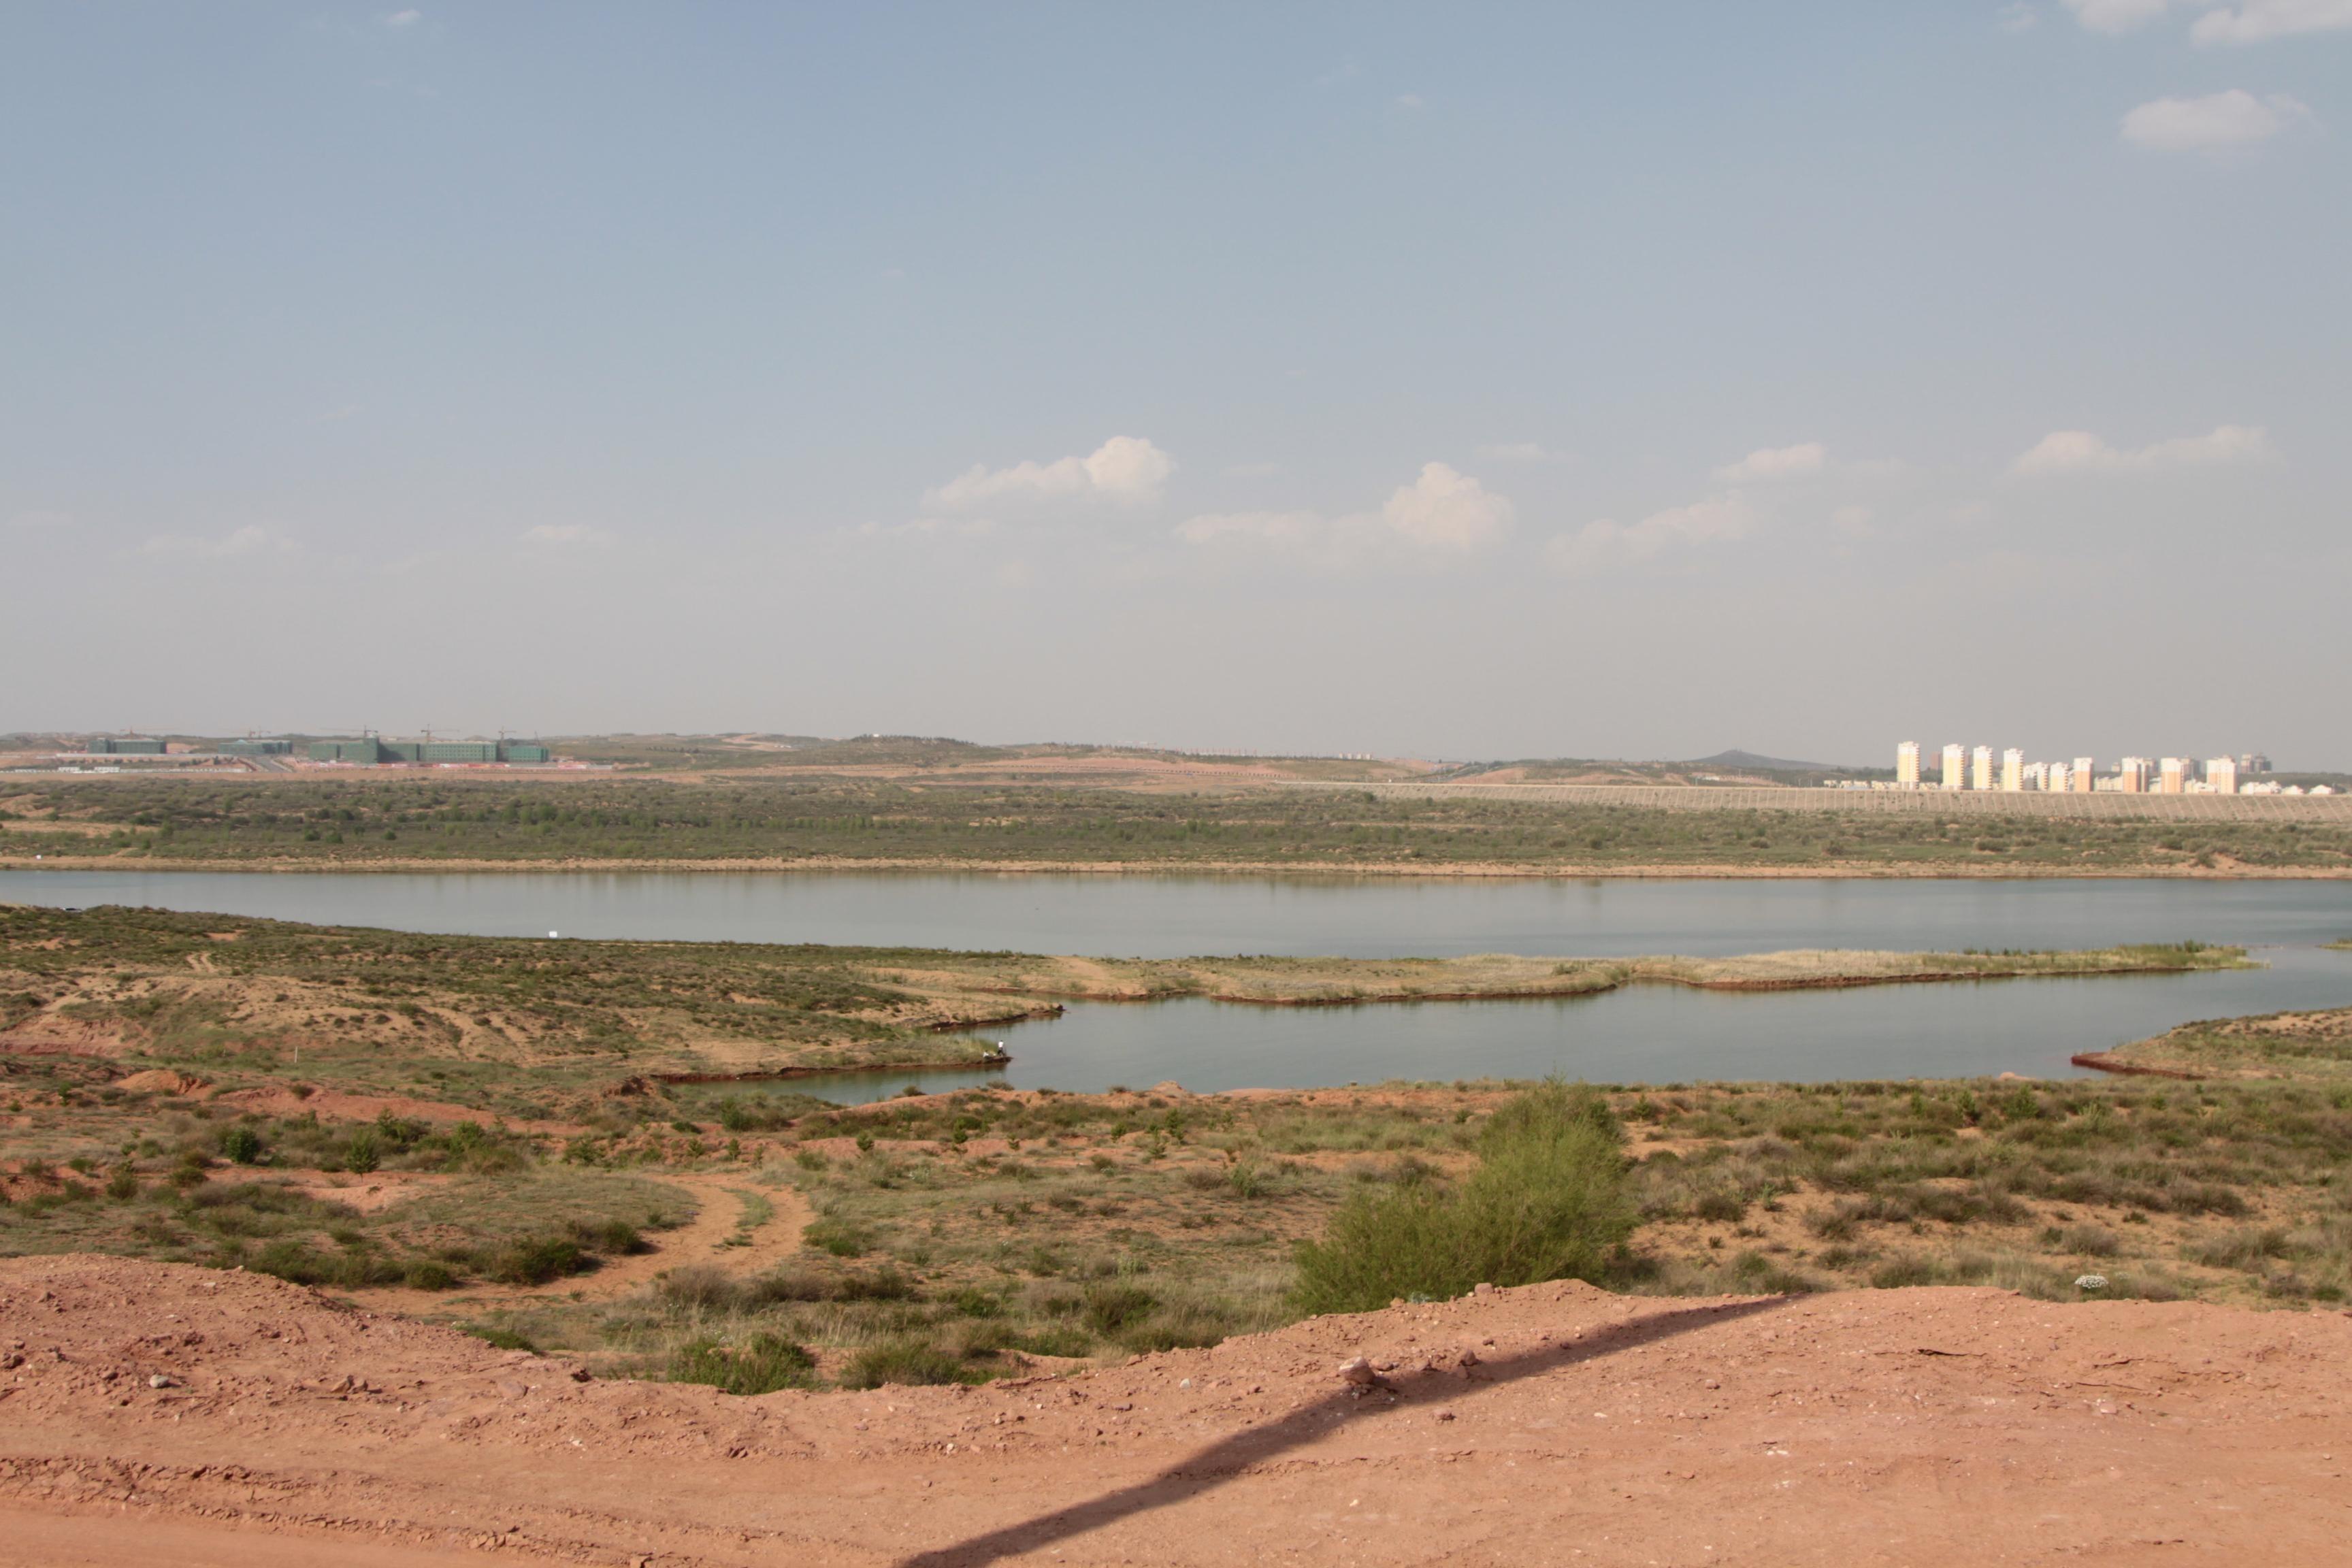 乌兰苏莫水库